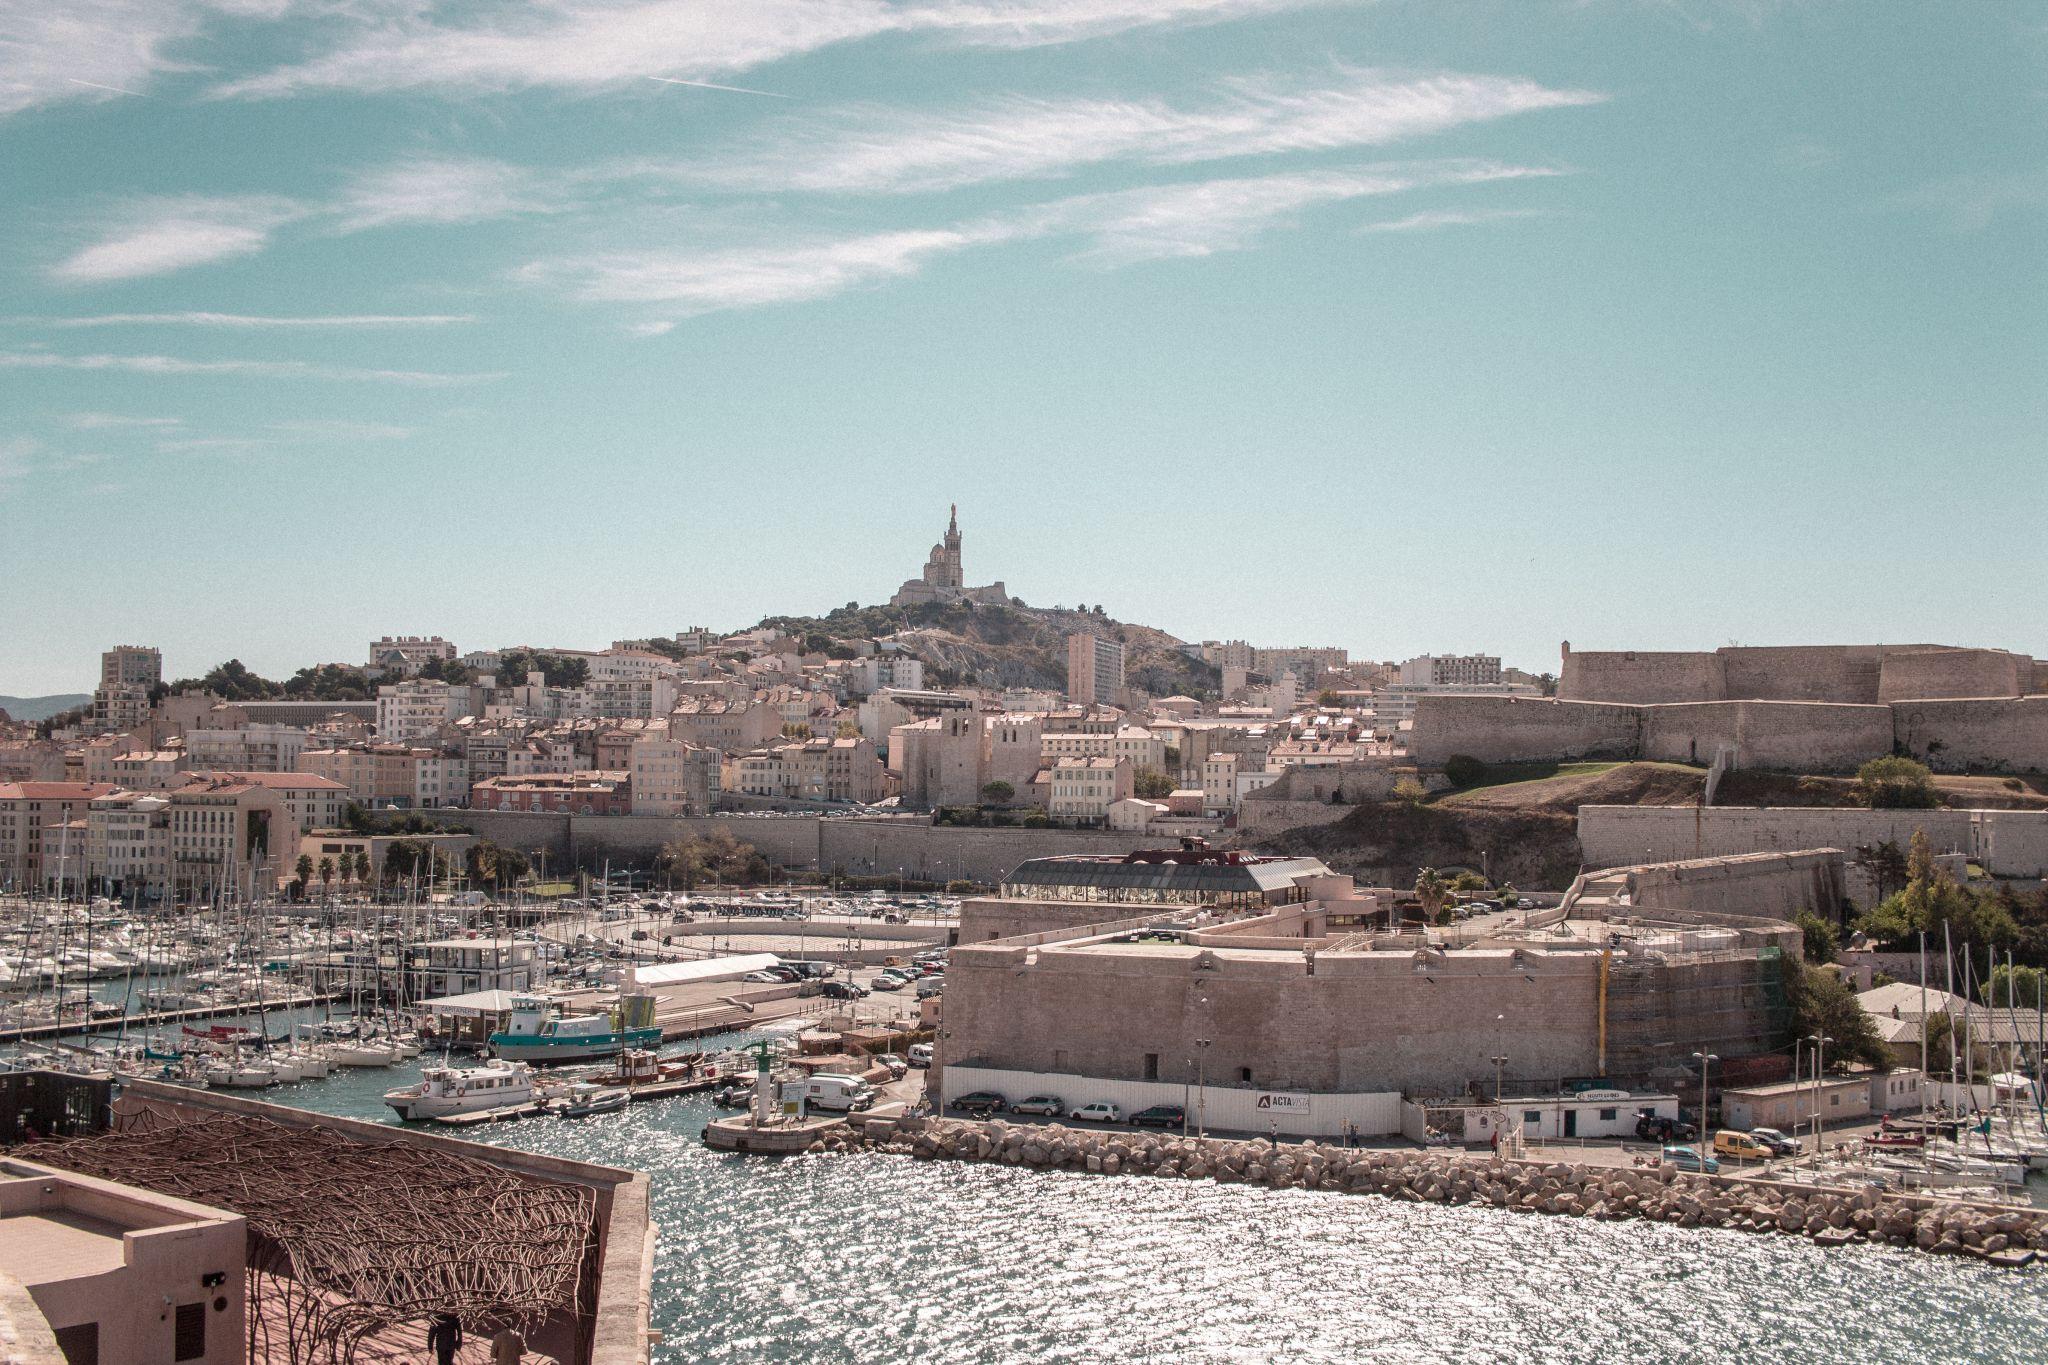 marseille-port-view